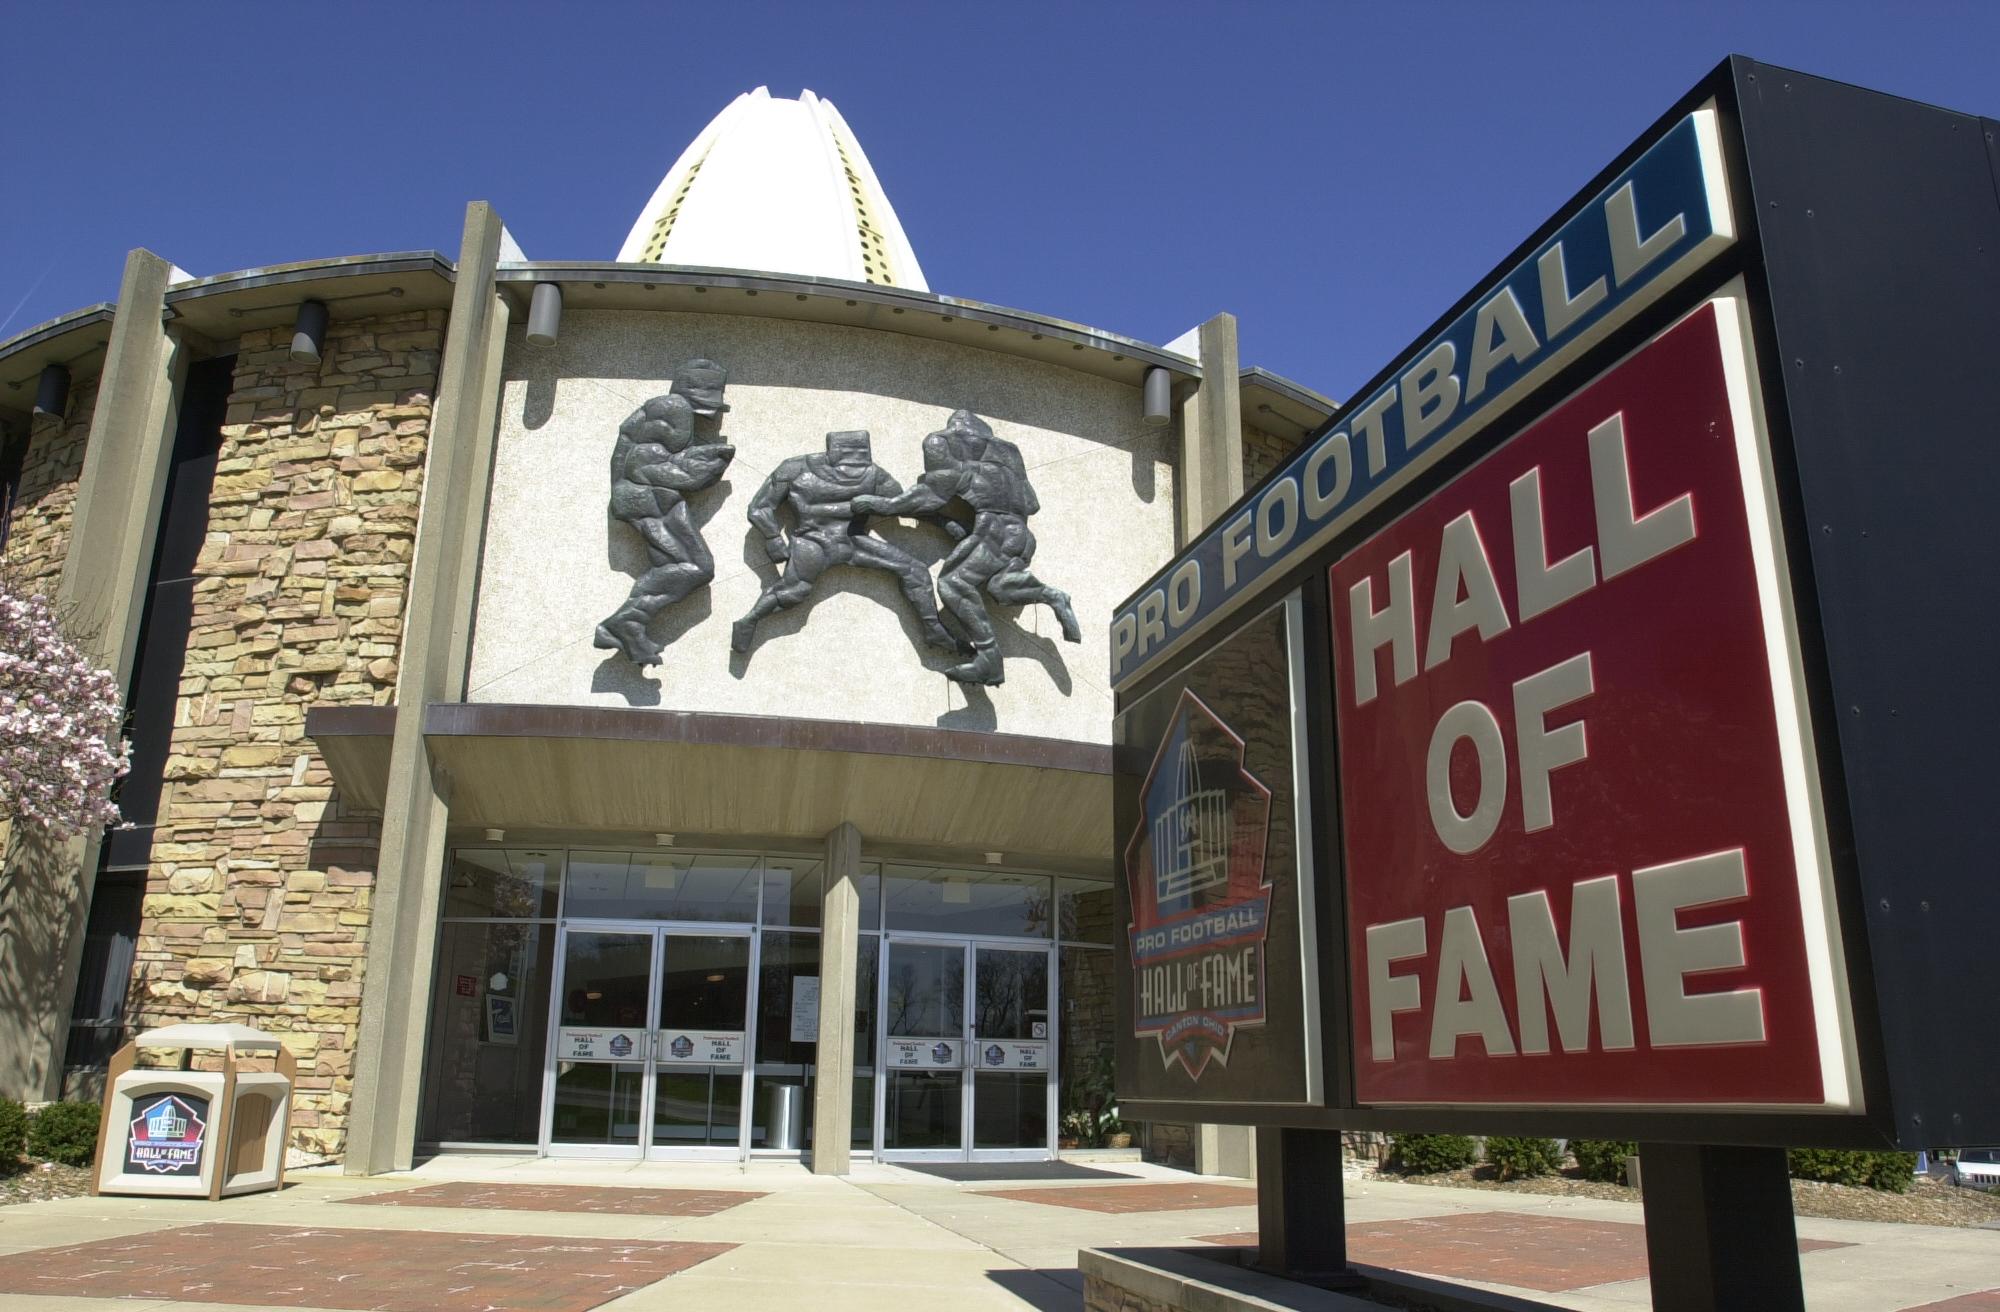 El Hall of Fame espera nuevos miembros